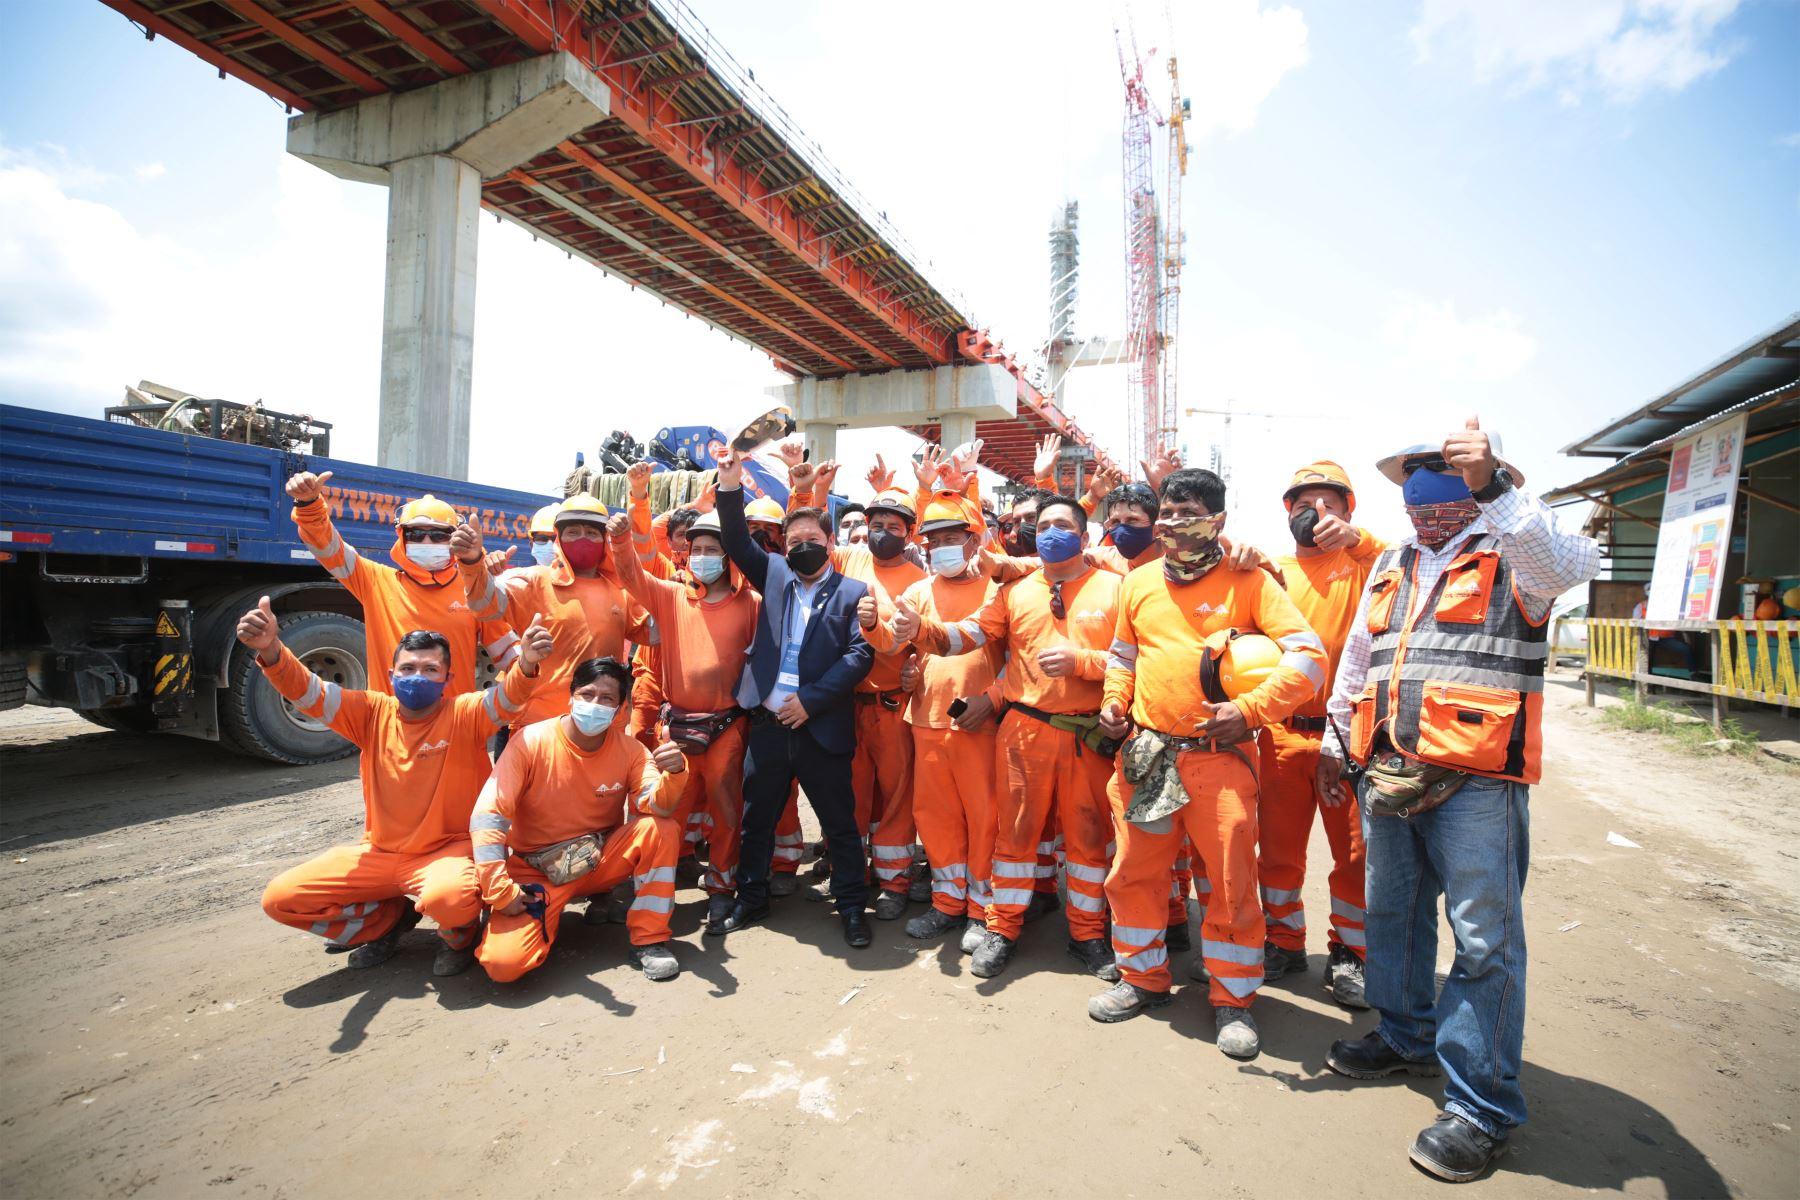 El titular de la PCM, Guido Bellido, supervisa la construcción del Puente Nanay, en el distrito de Punchana, provincia de Maynas, departamento de Loreto. Foto: ANDINA/PCM